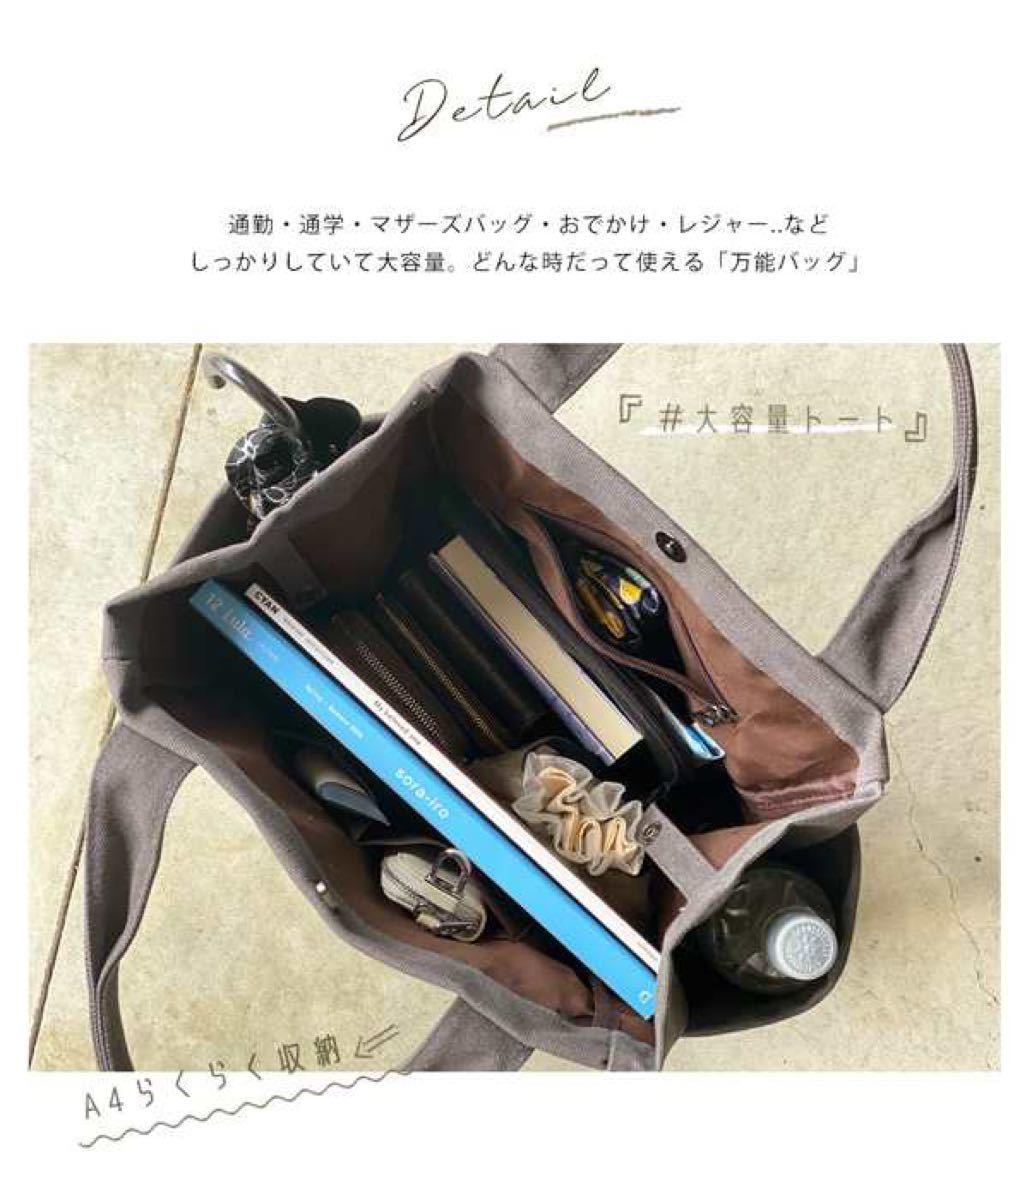 【エコバッグ1個プレゼント】トートバック レディース キャンバス 肩掛け 手提げ 英字ロゴ マザーズバッグ A4 大容量 通勤